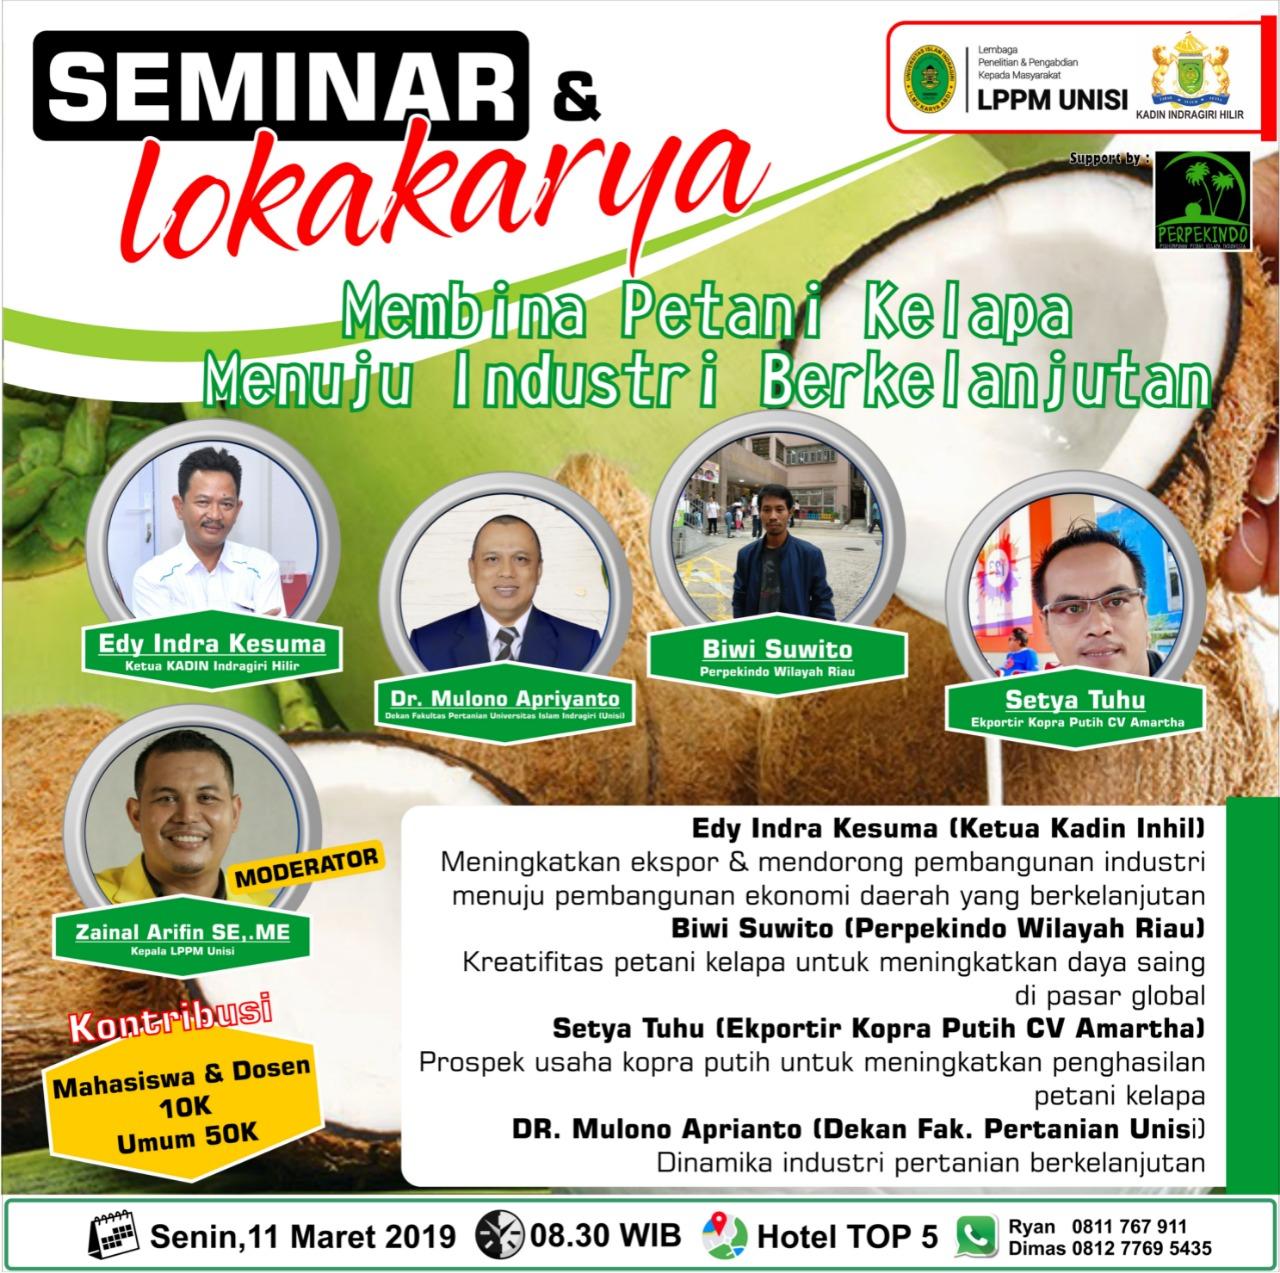 Peduli Petani Kepala, Kadin dan LPPM UNISI akan Gelar Seminar dan Lokakarya